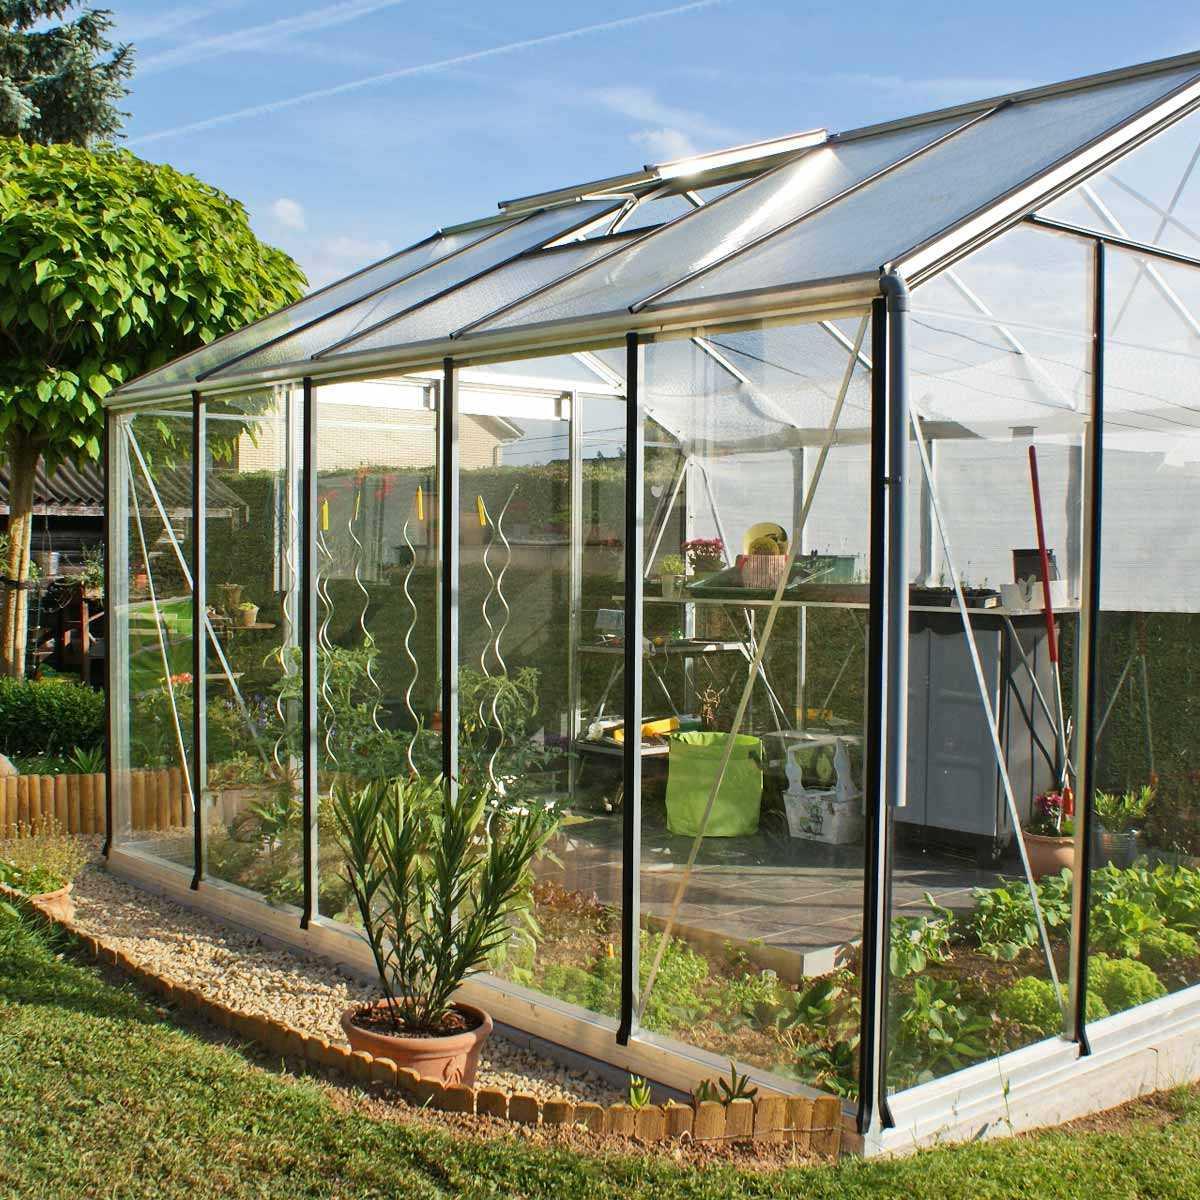 Comment monter une serre de jardin - Comment monter une serre de jardin ...